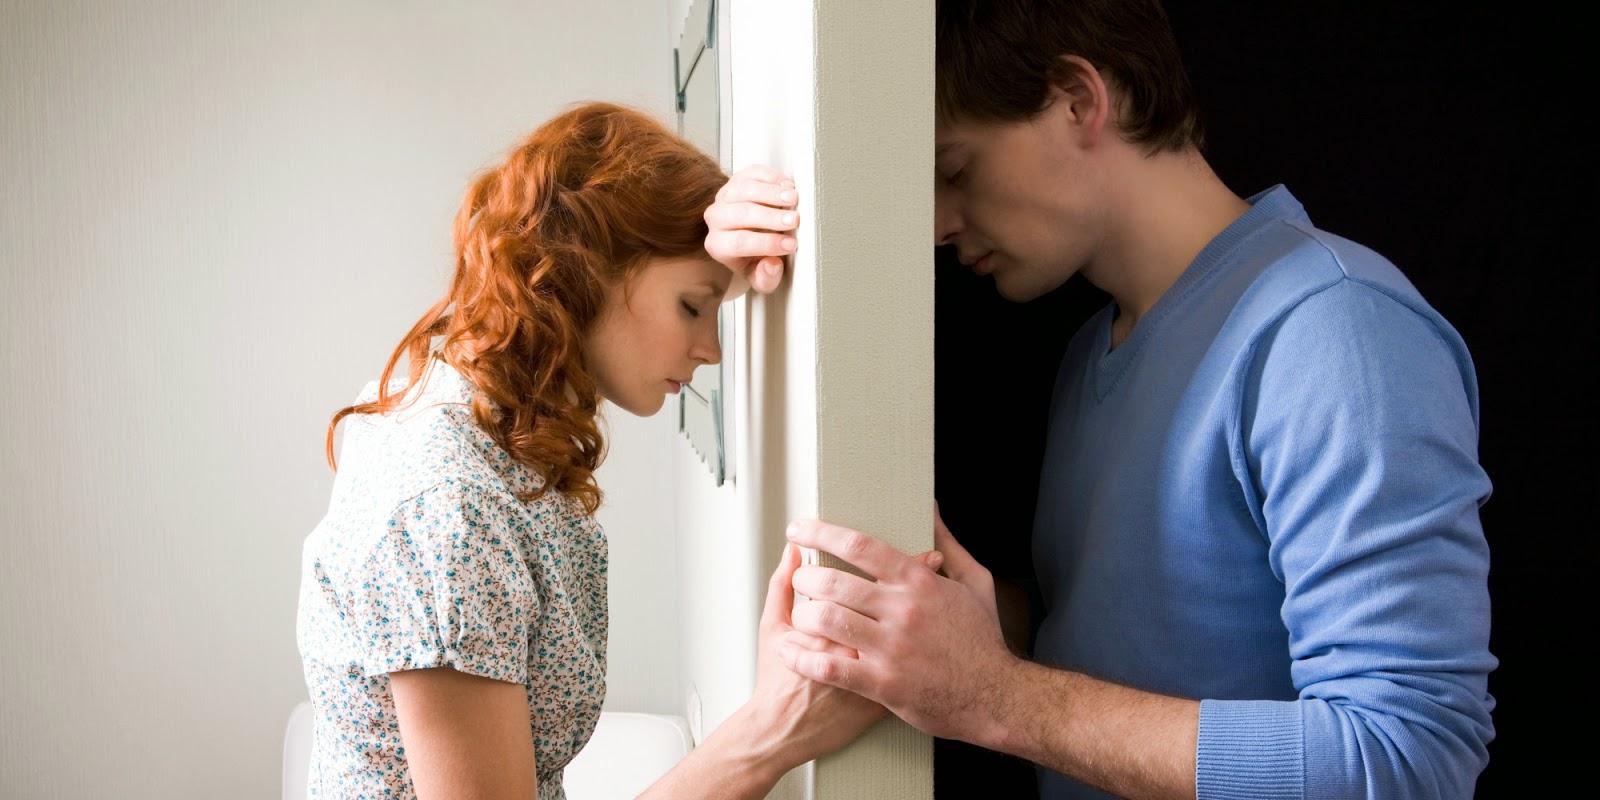 6 проблем в семейной жизни: вы точно знаете, когда ставить точку в отношениях?